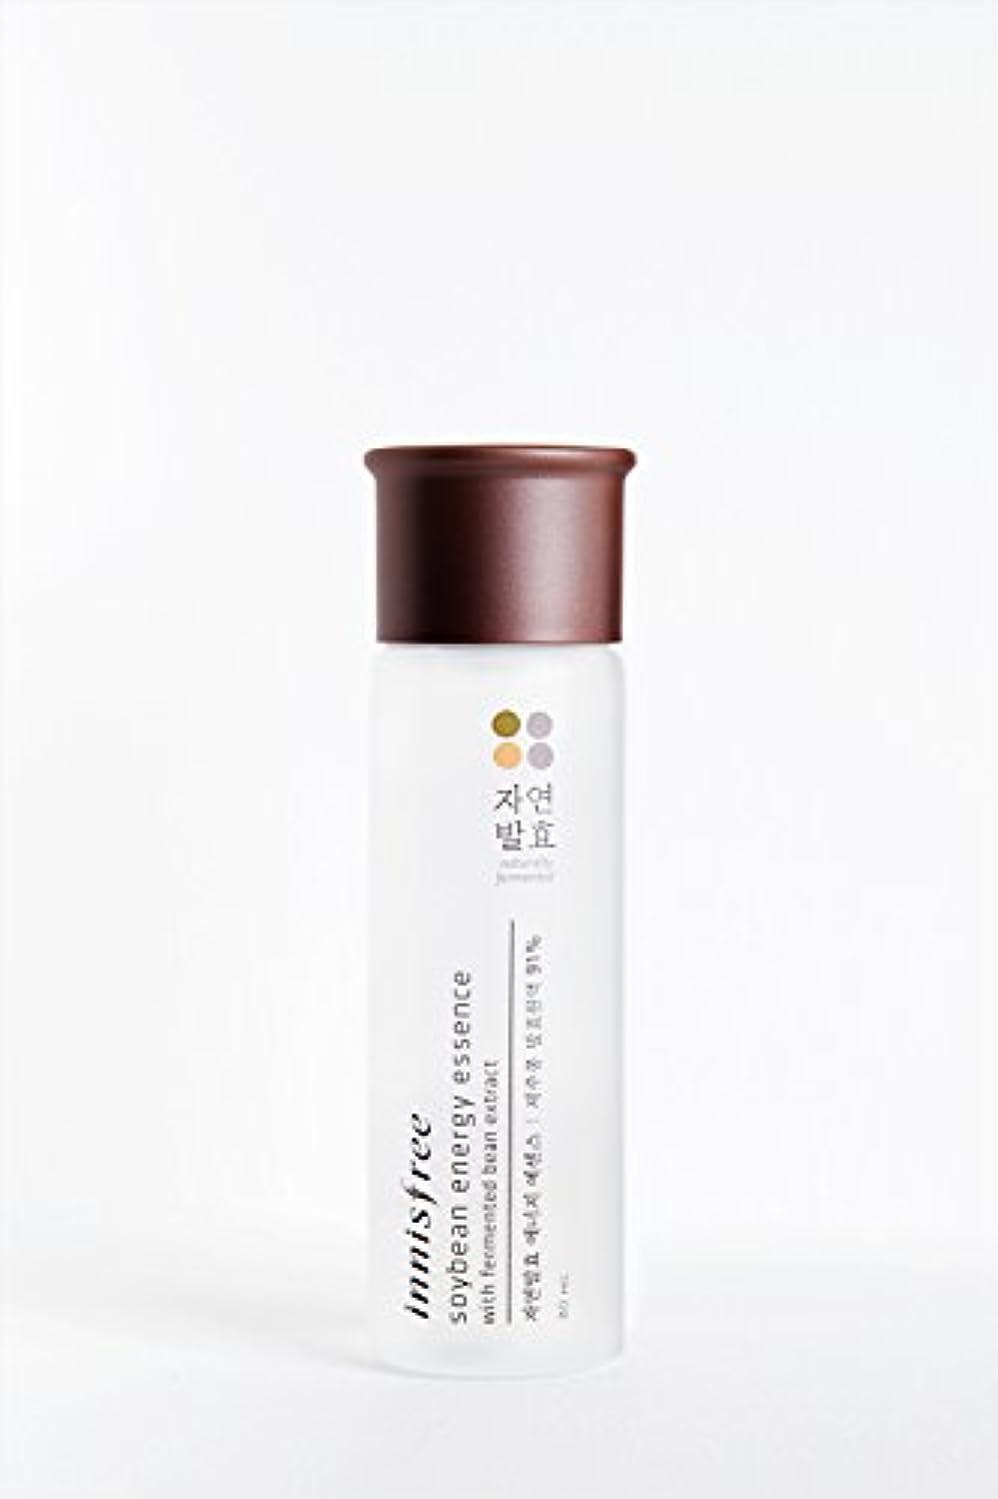 肥料大使館茎[innisfree(イニスフリー)] Soybean energy essence (150ml) 済州大豆 自然発酵エネルギーエッセンス [並行輸入品][海外直送品]